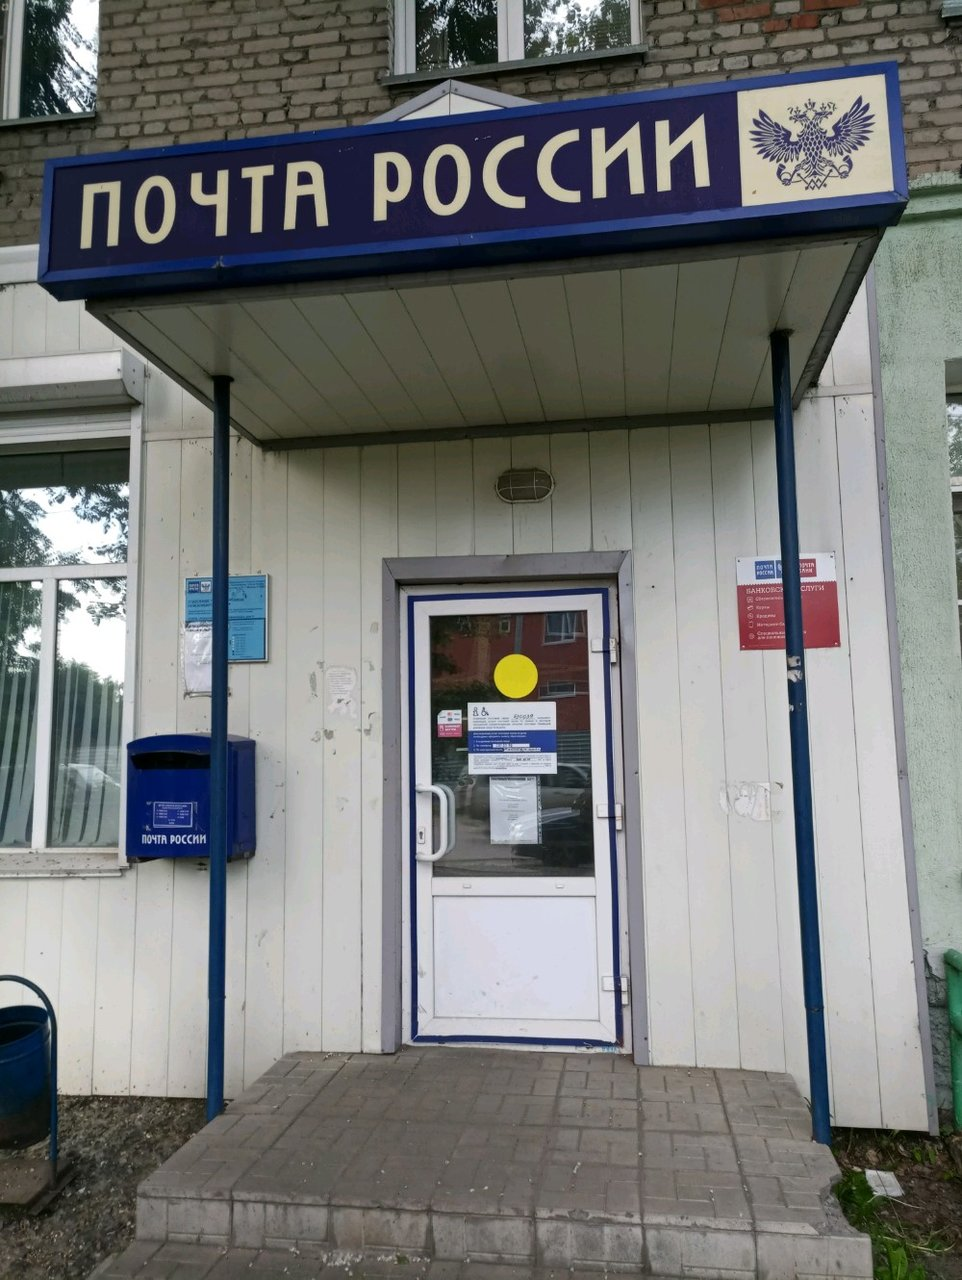 второй почта россии фото новосибирск этой